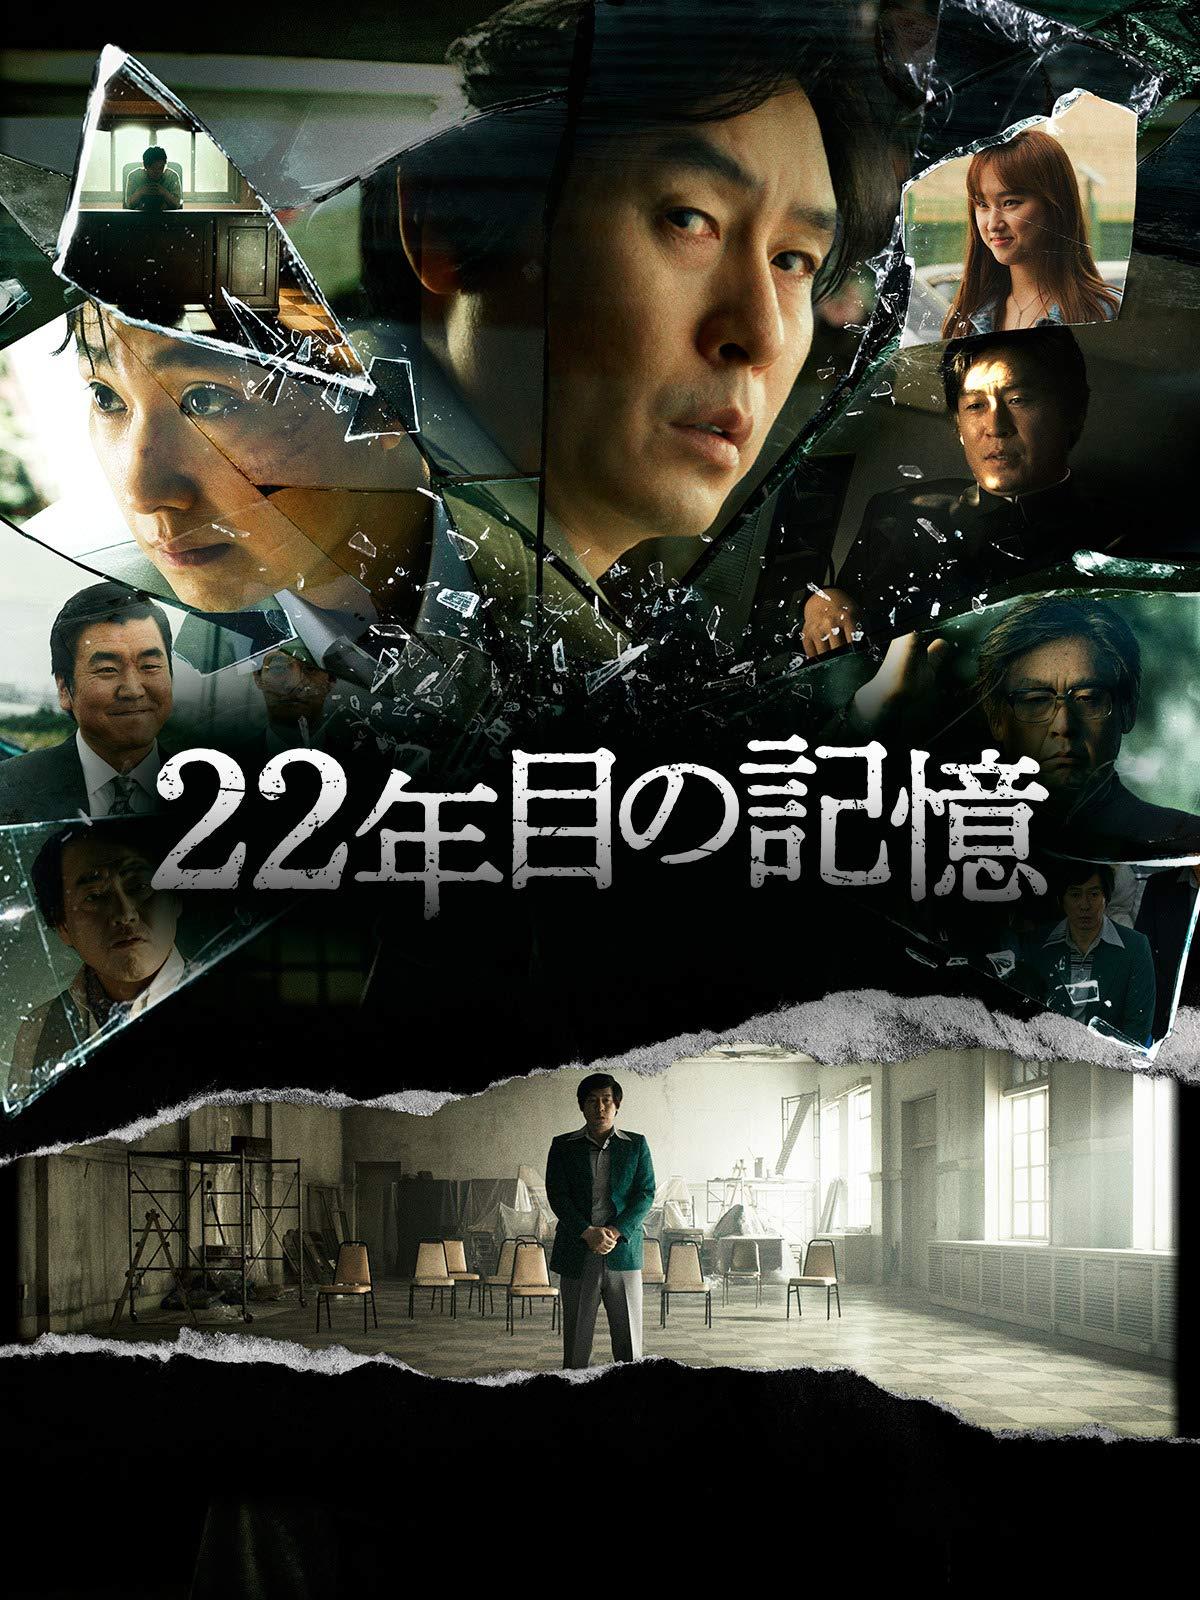 Amazon.co.jp: 22年目の記憶(字幕版)を観る | Prime Video